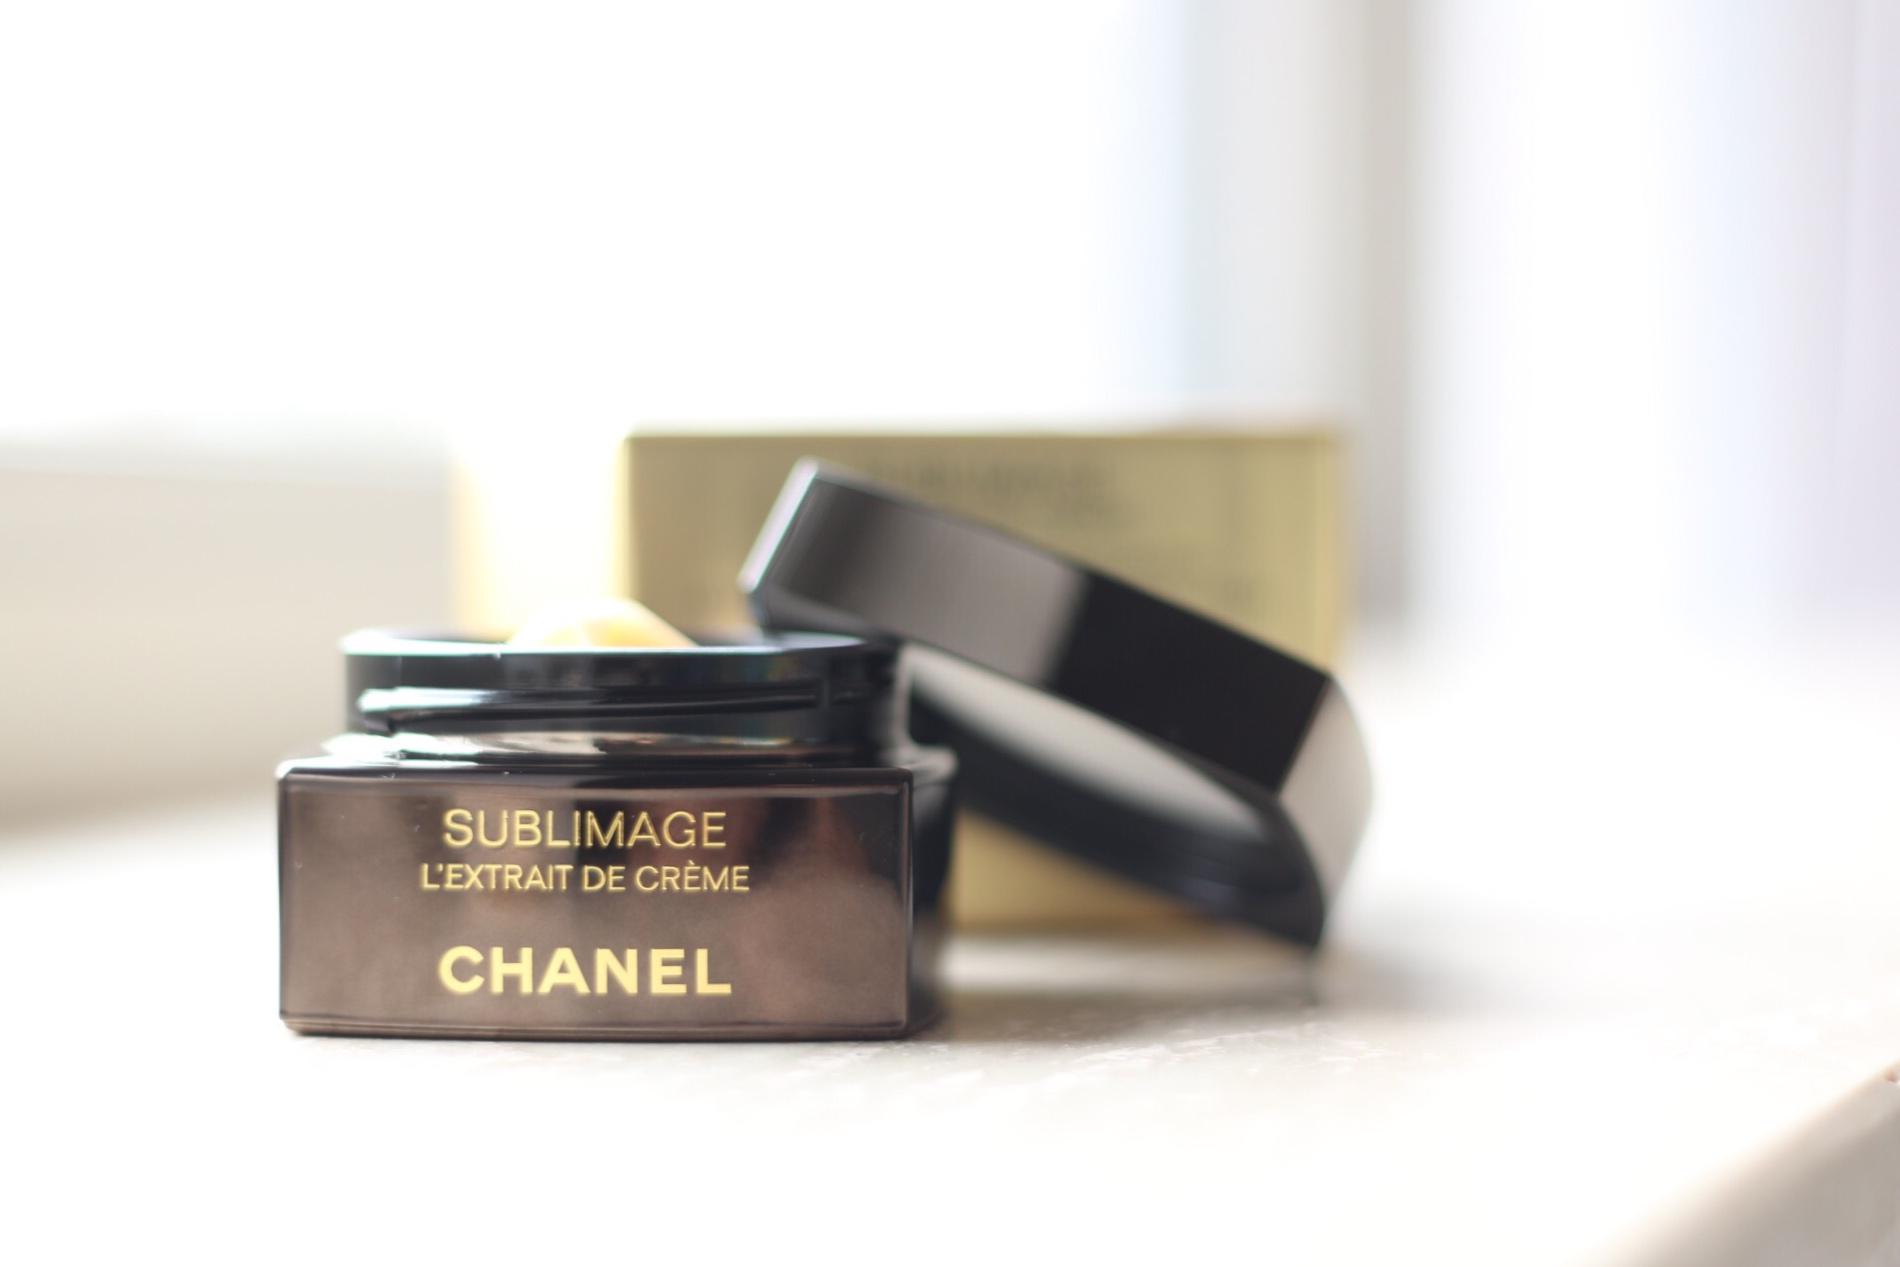 Chanel72